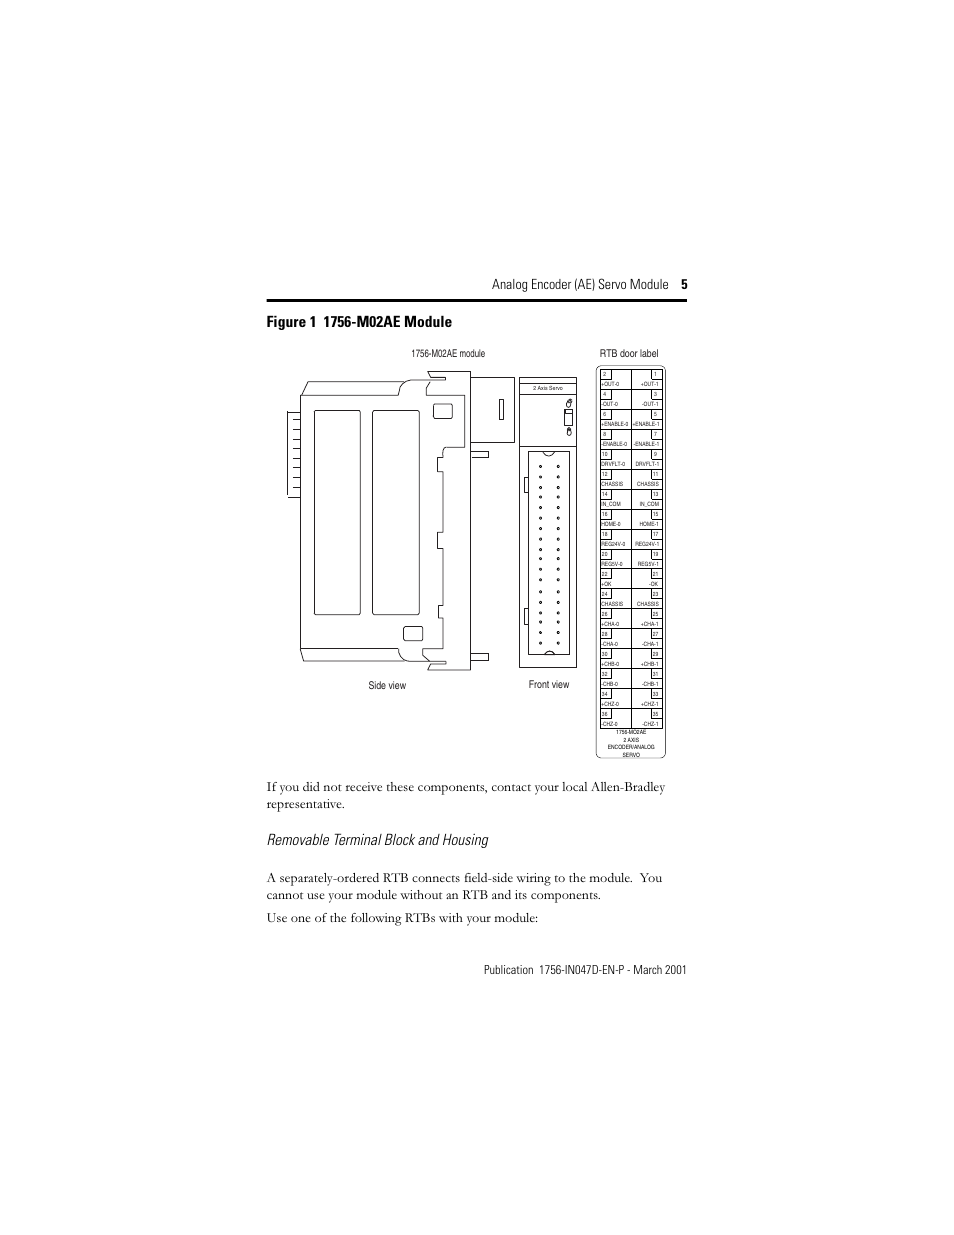 removable terminal block and housing analog encoder ae servo rh manualsdir com